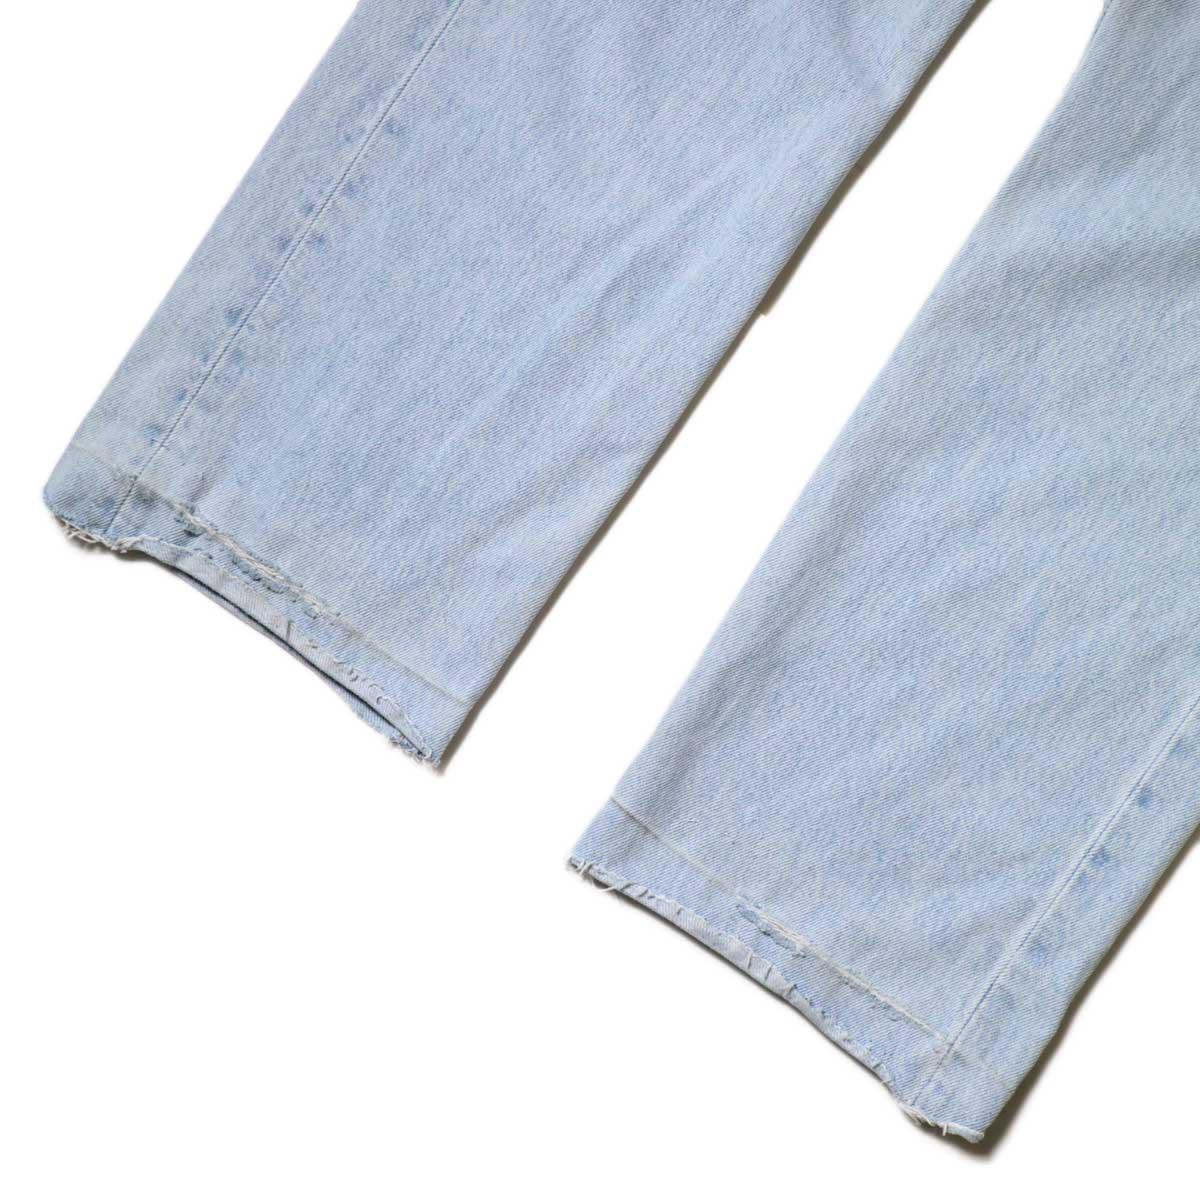 BONUM / BELTED 5P DENIM (32inch) -H 裾